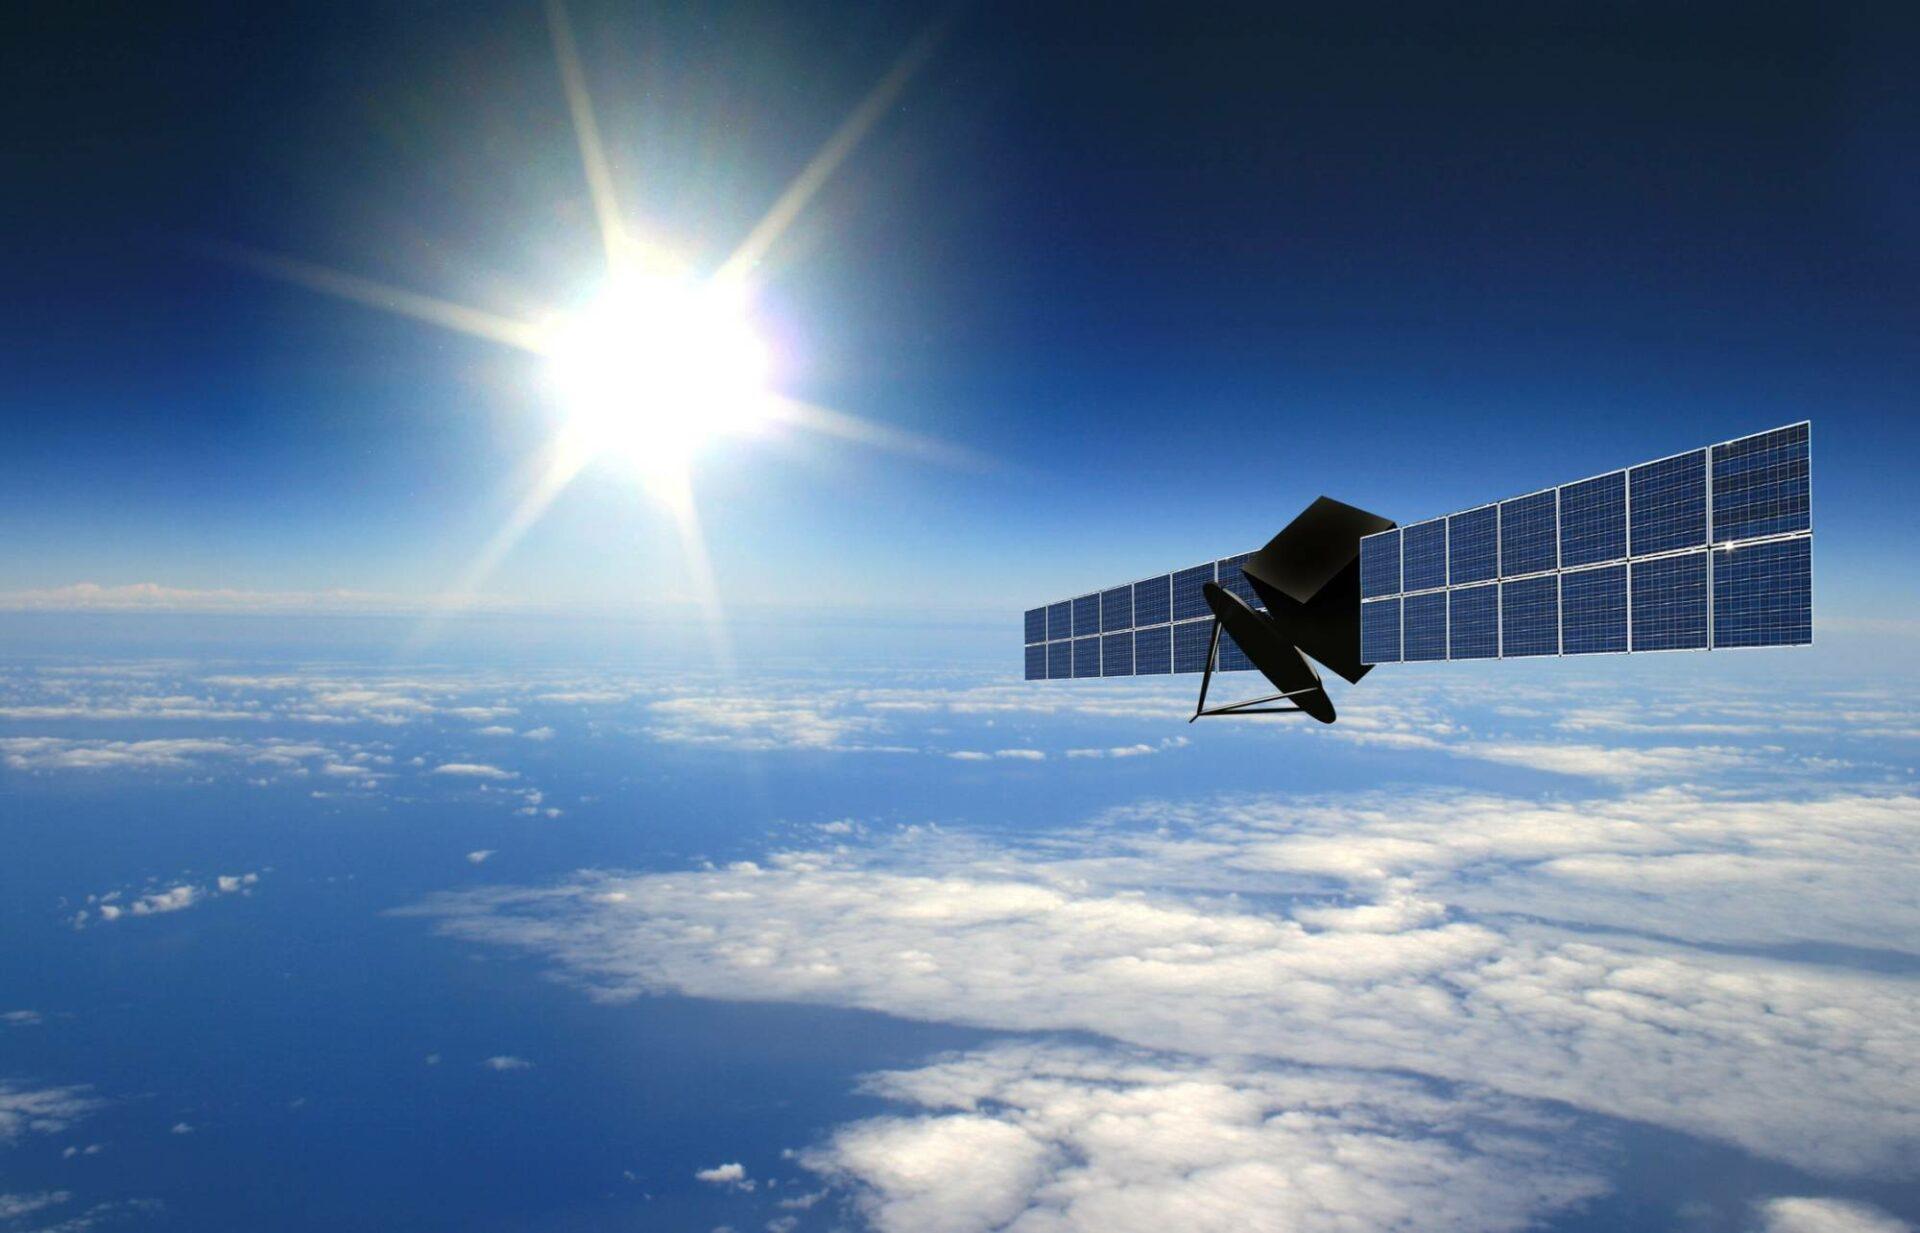 Un satellite est mis en orbite&#8230;<br /> <strong>SFIL participe</strong>